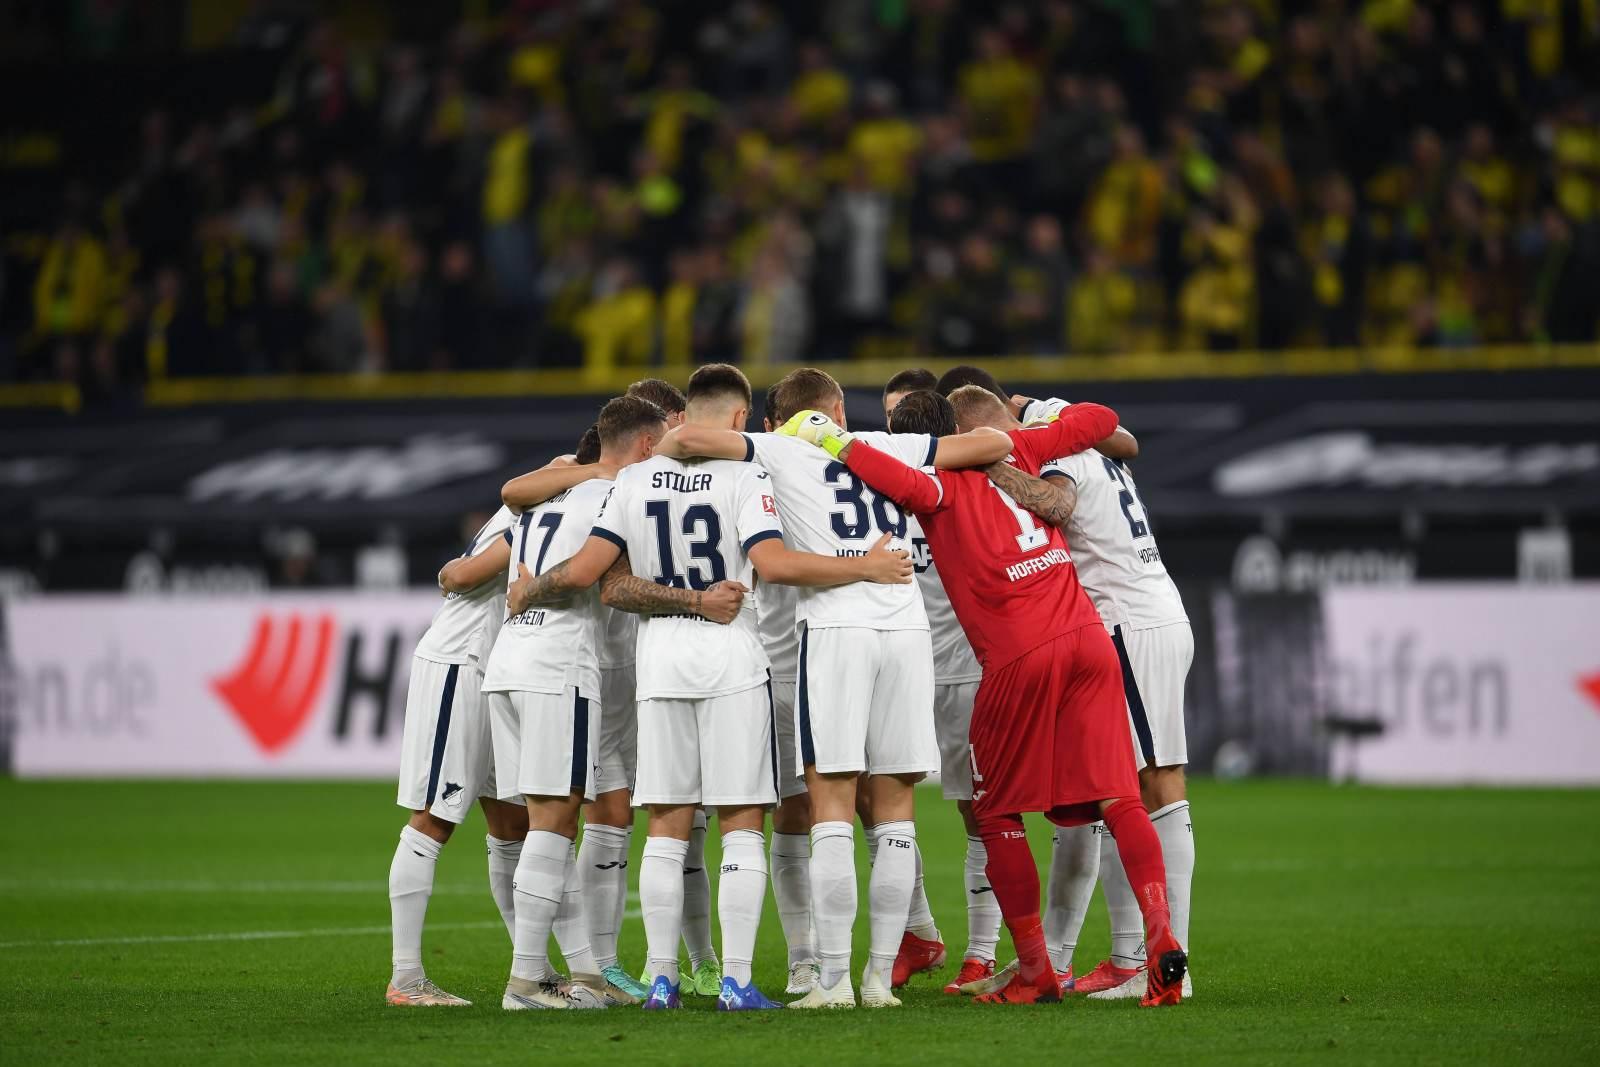 «Хоффенхайм» - «Майнц»: прогноз и ставка на матч немецкой Бундеслиги – 11 сентября 2021